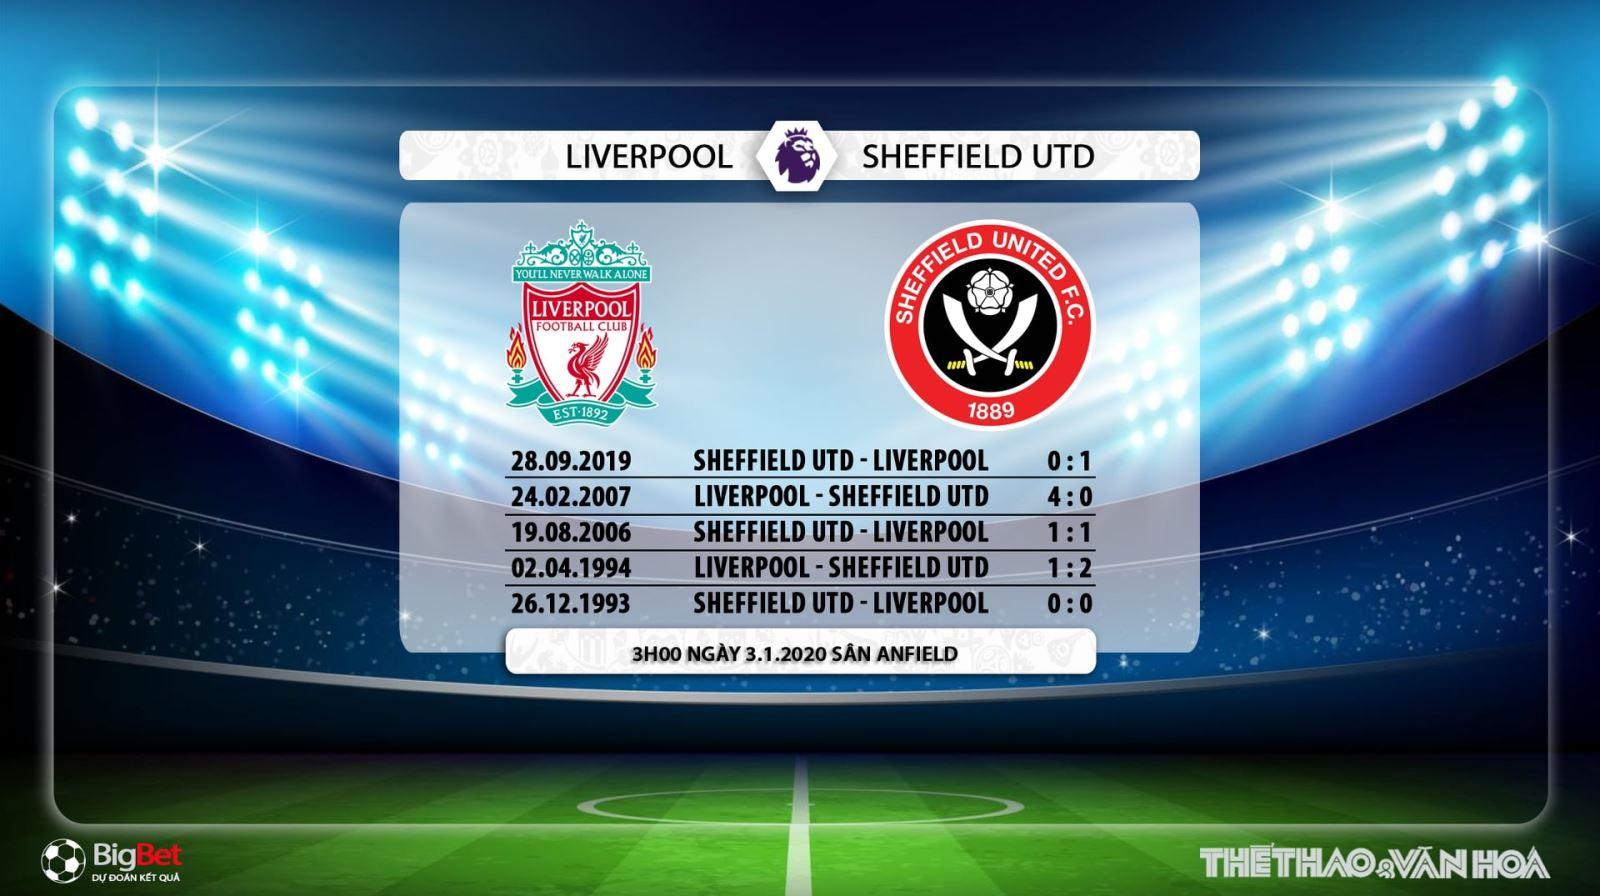 Liverpool vs Sheffield, bóng đá, bong da, trực tiếp bóng đá, trực tiếp Liverpool vs Sheffield, Liverpool, Sheffield, lịch thi đấu, K+PM, K+